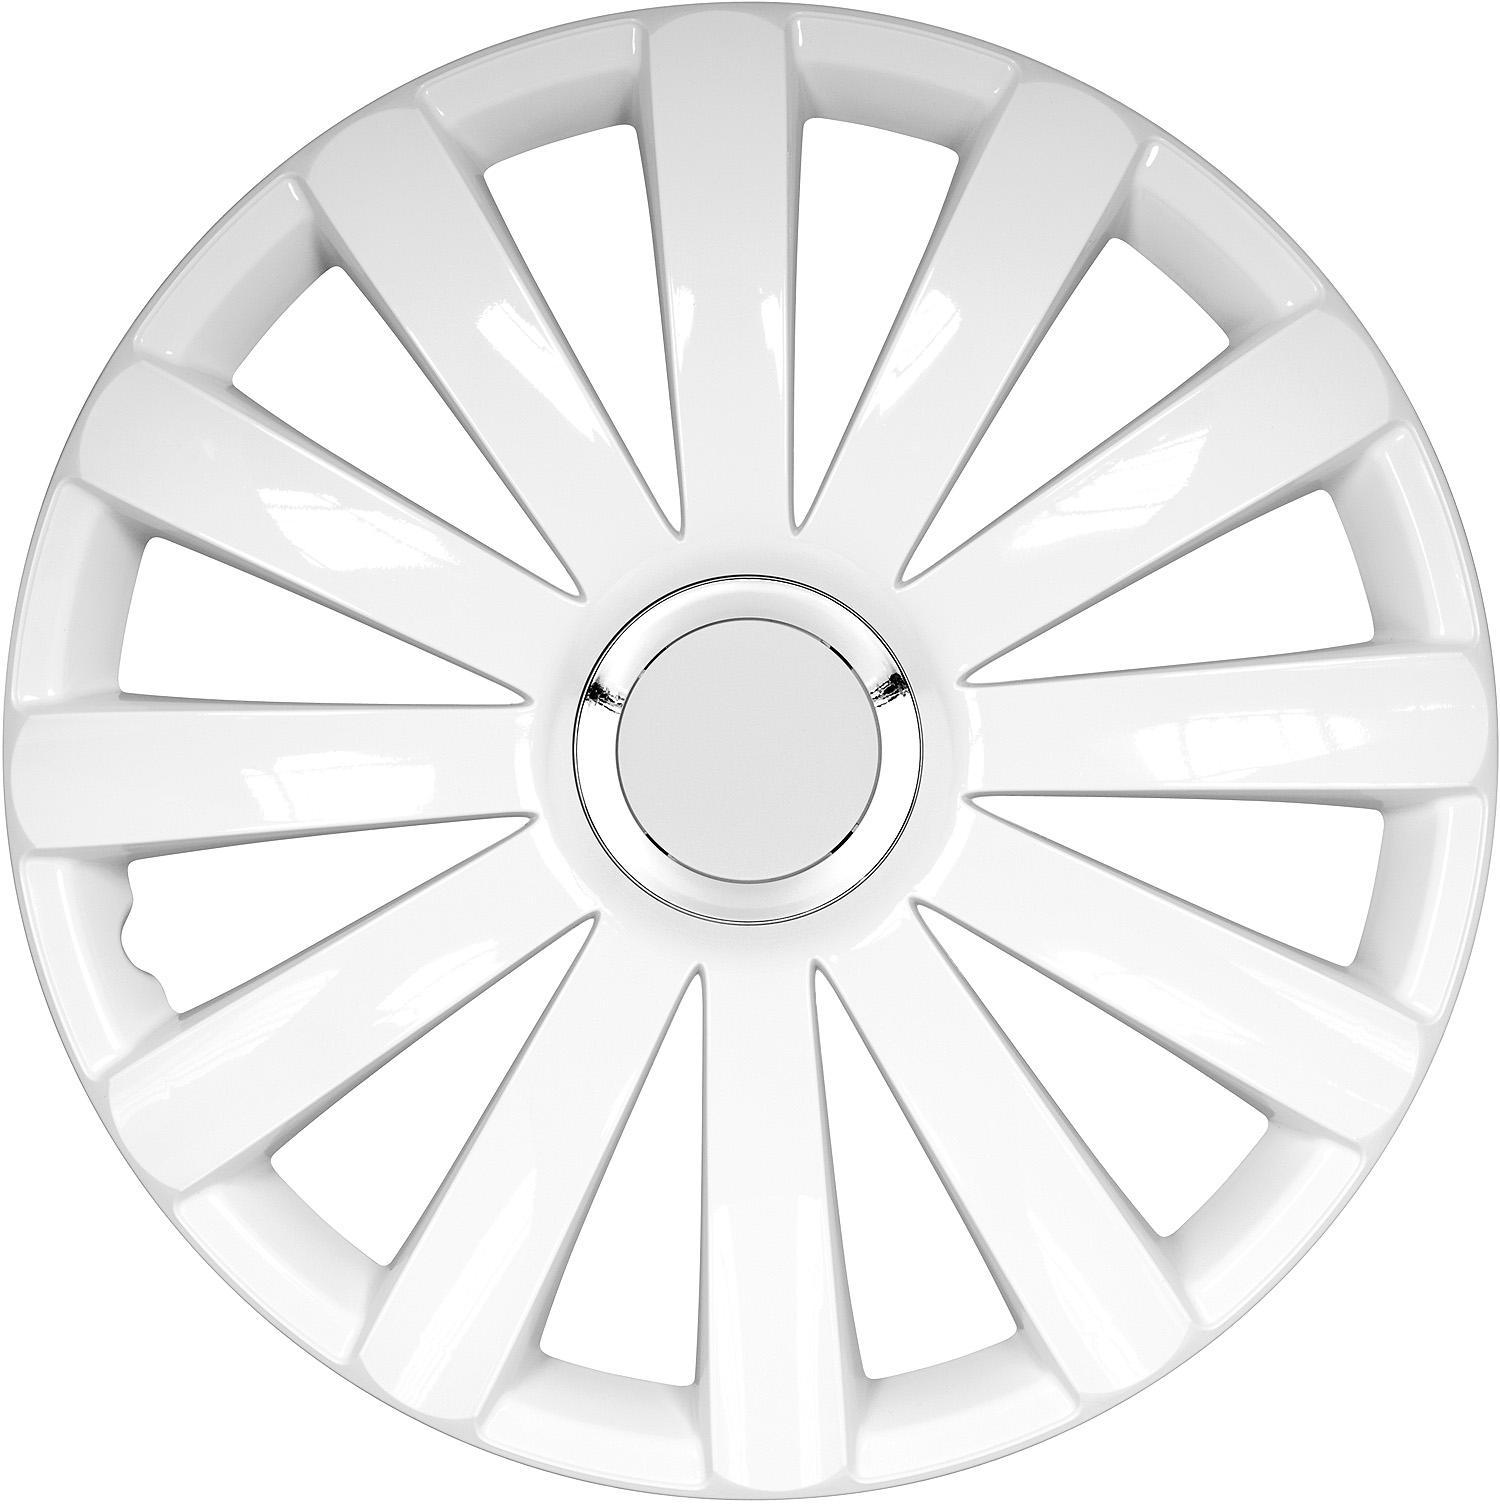 ARGO  15 SPYDER PRO WHITE Hjulkapsler Mængdeenhed: sæt